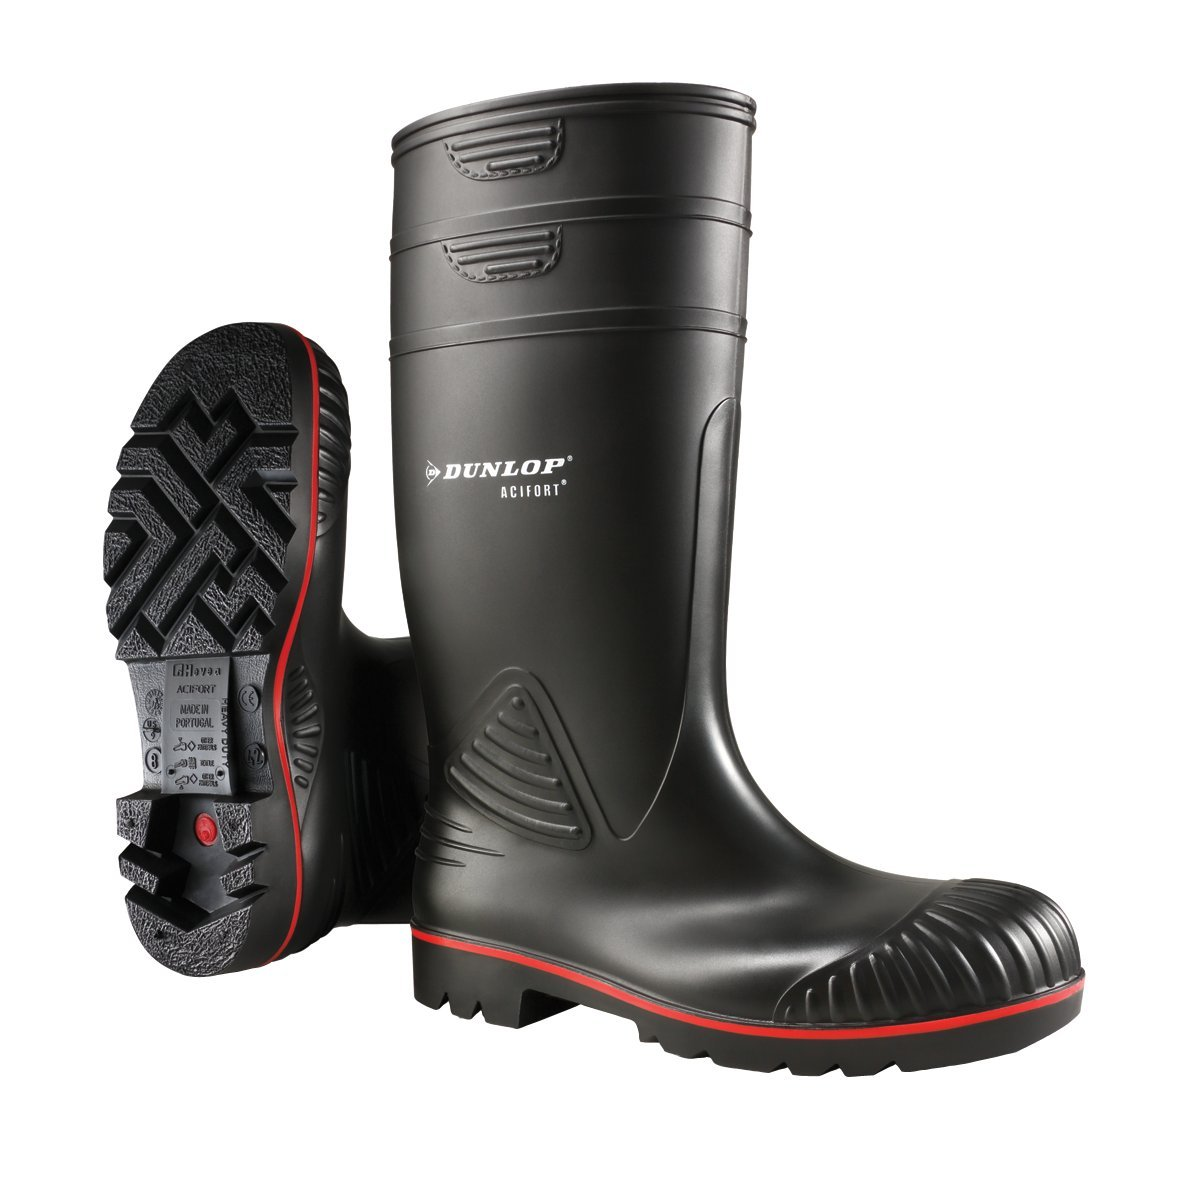 Dunlop A442031 Noir S5 ACIF. KNIE, Bottes Mixte en S5 Caoutchouc de Hauteur Moyenne, Non Doublées Mixte Adulte Noir 3657edf - epictionpvp.space